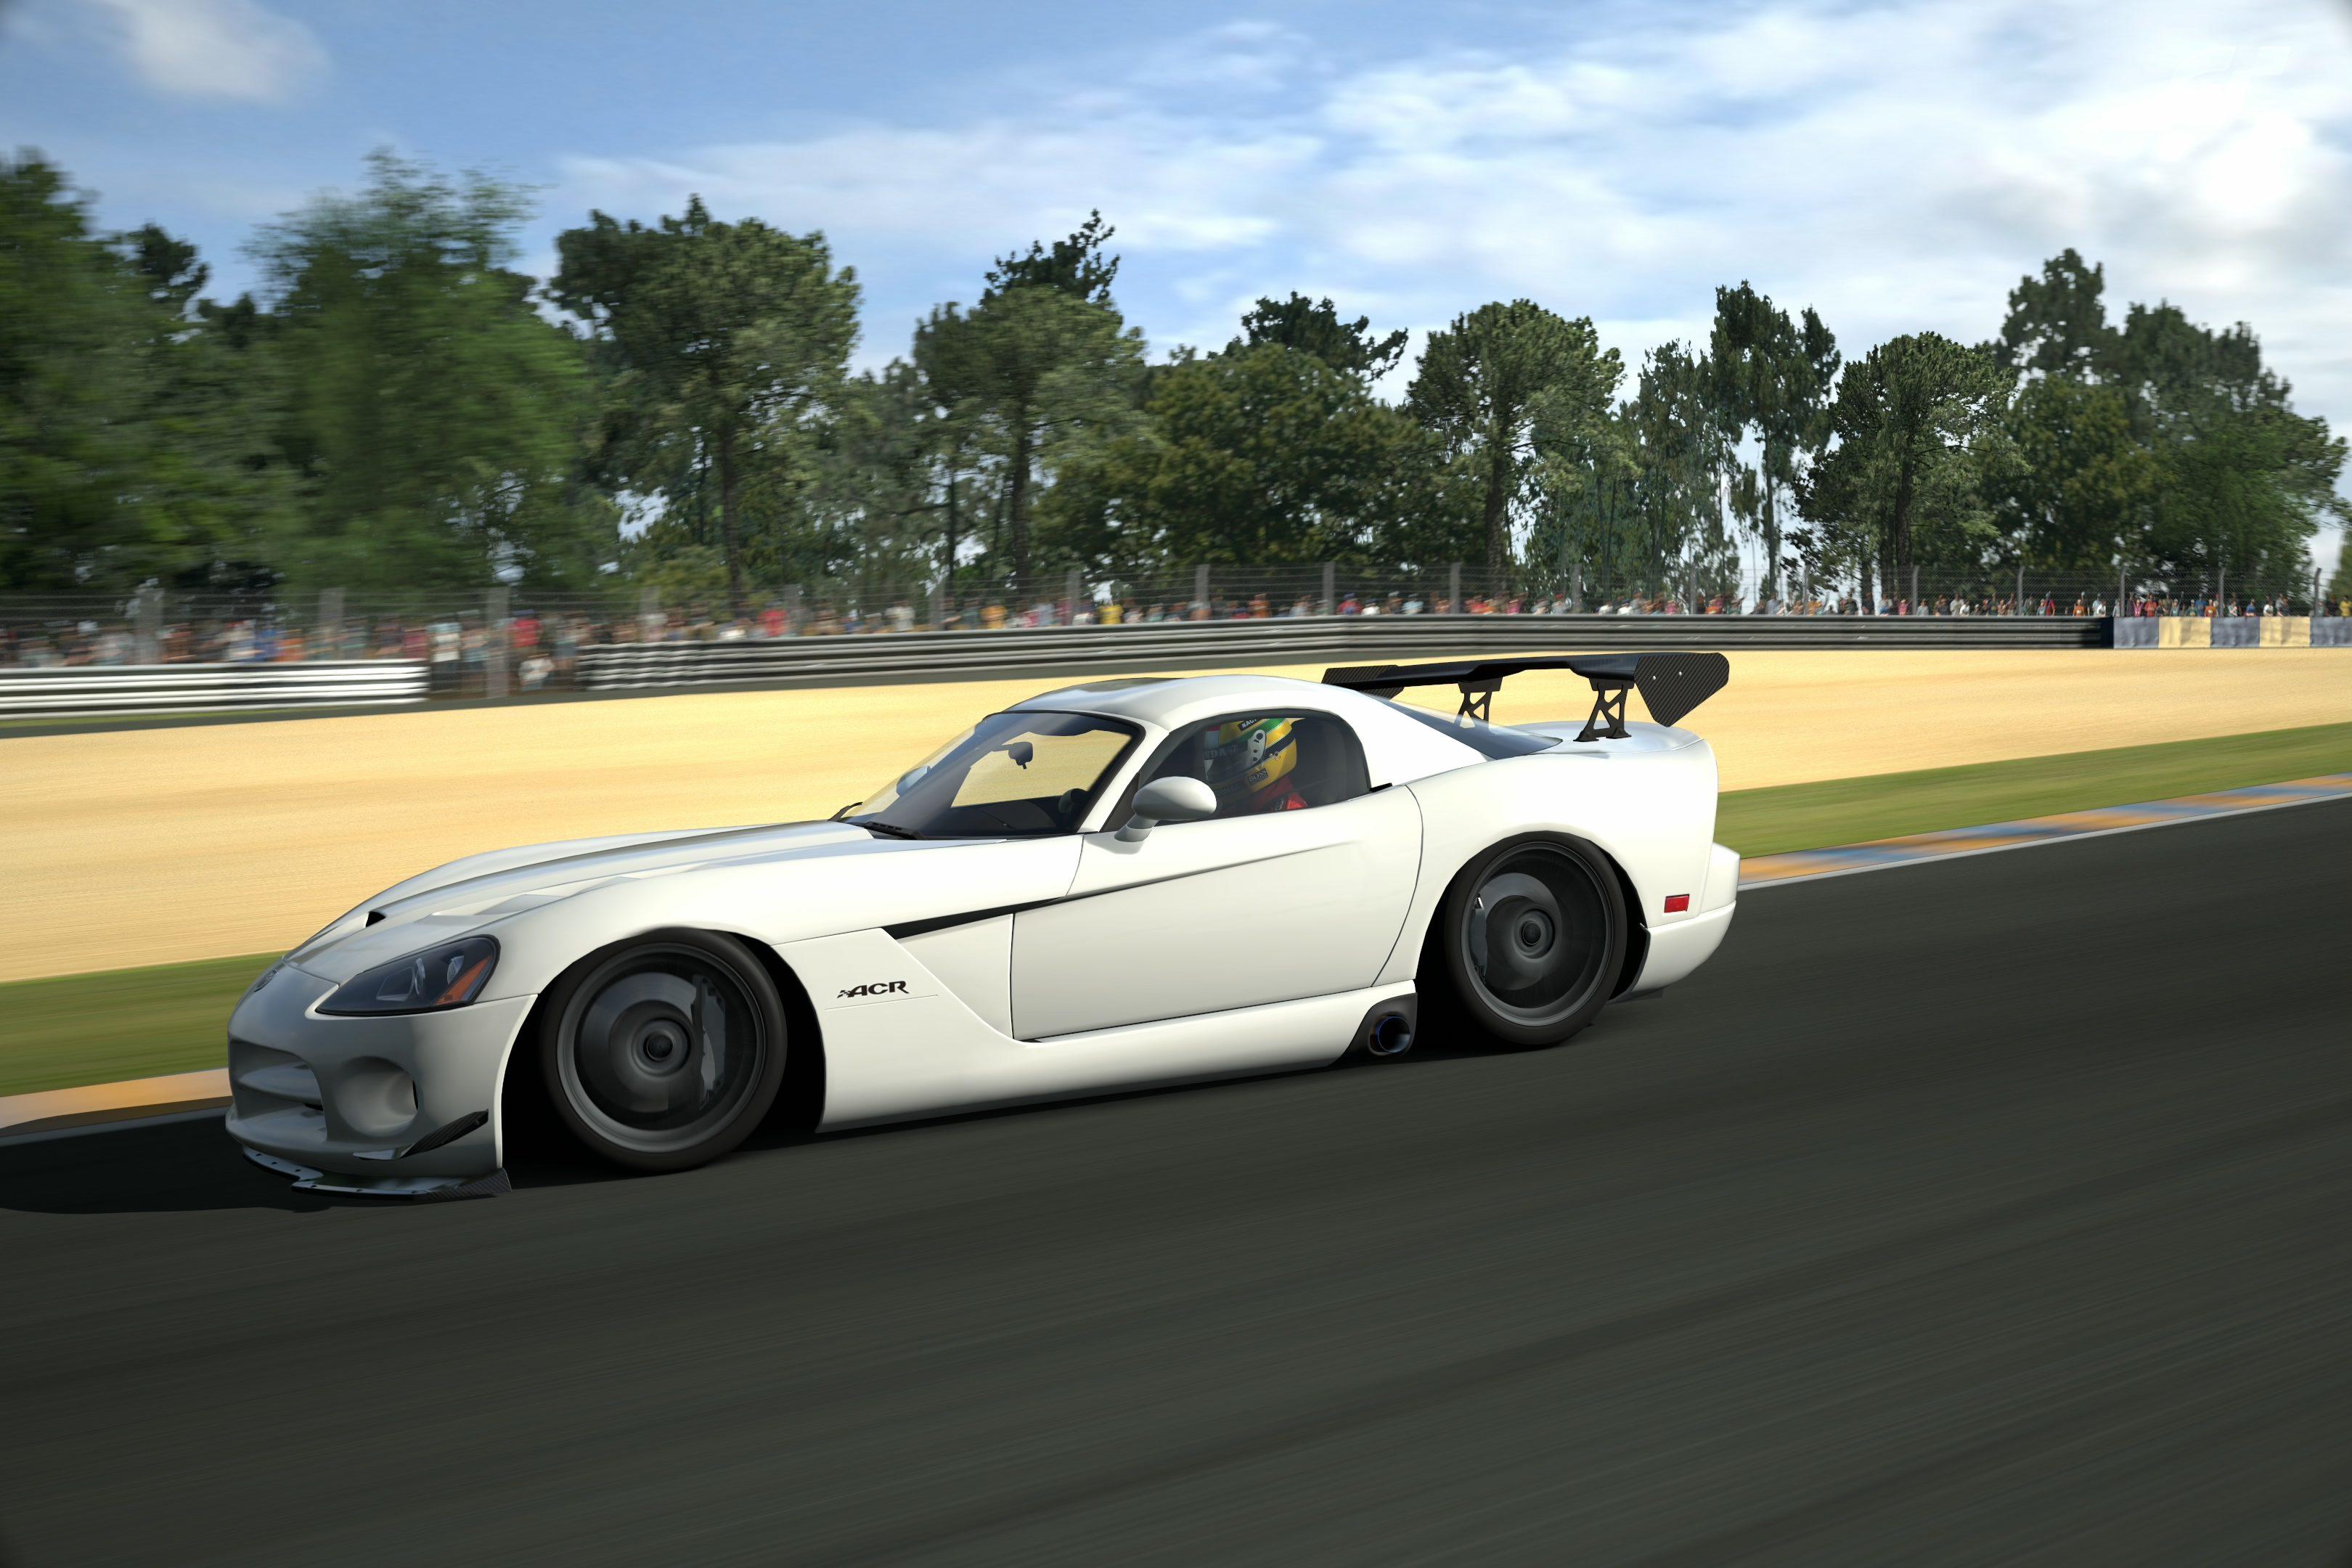 Circuit de la Sarthe 2009 (No Chicanes) _18.jpg